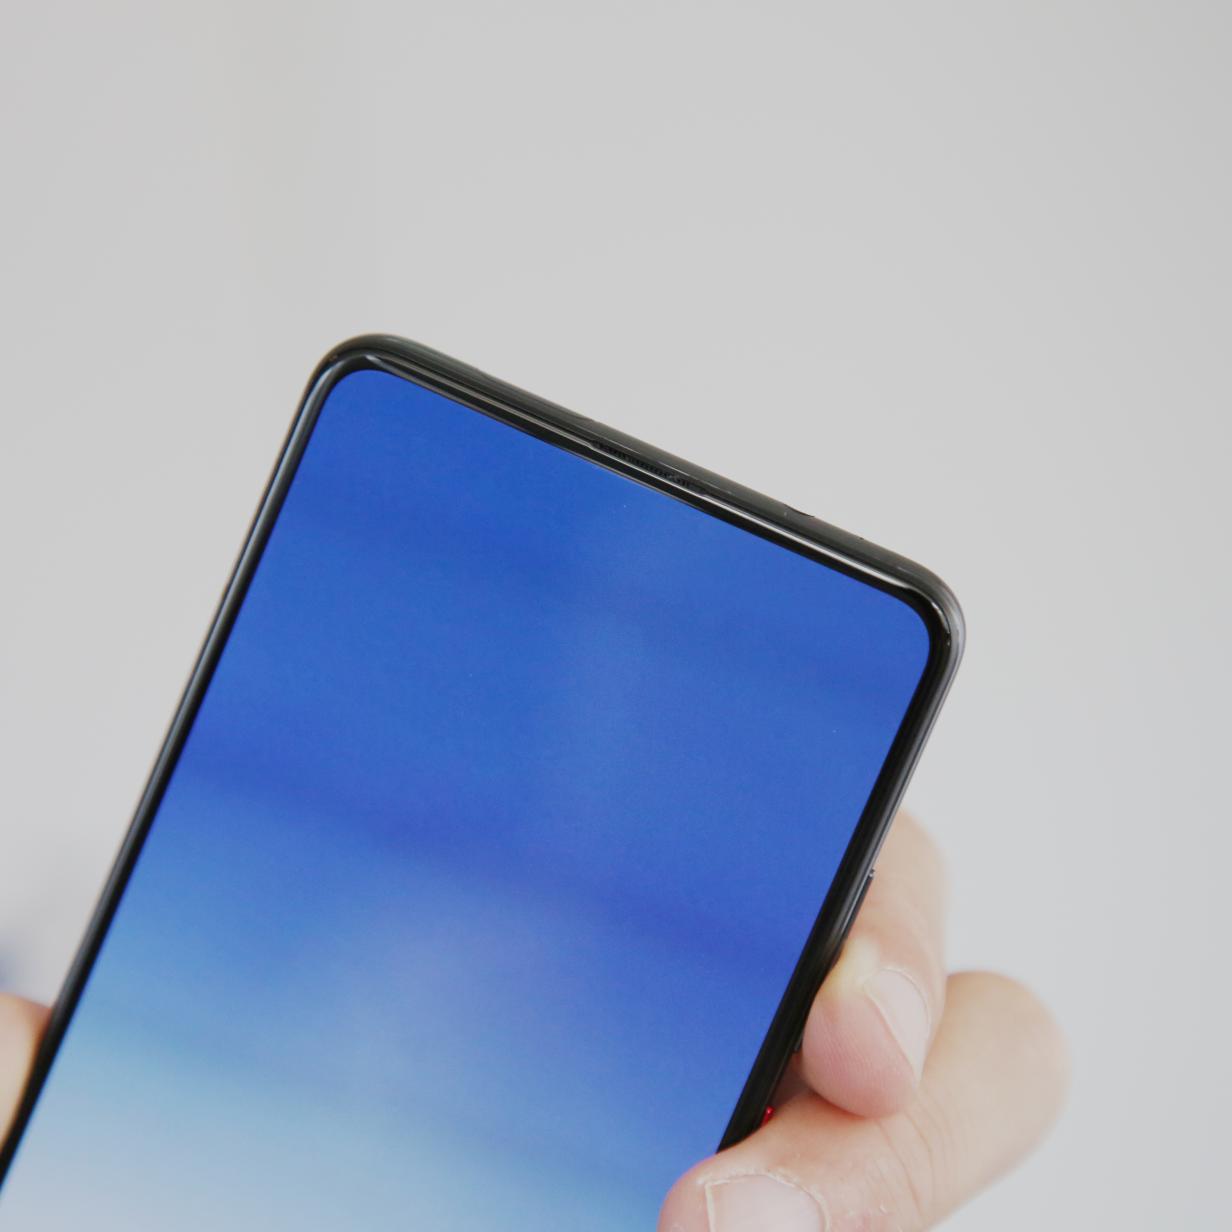 Xiaomi Mi Mix 4 geleakt: Foto zeigt das kommende Smartphone